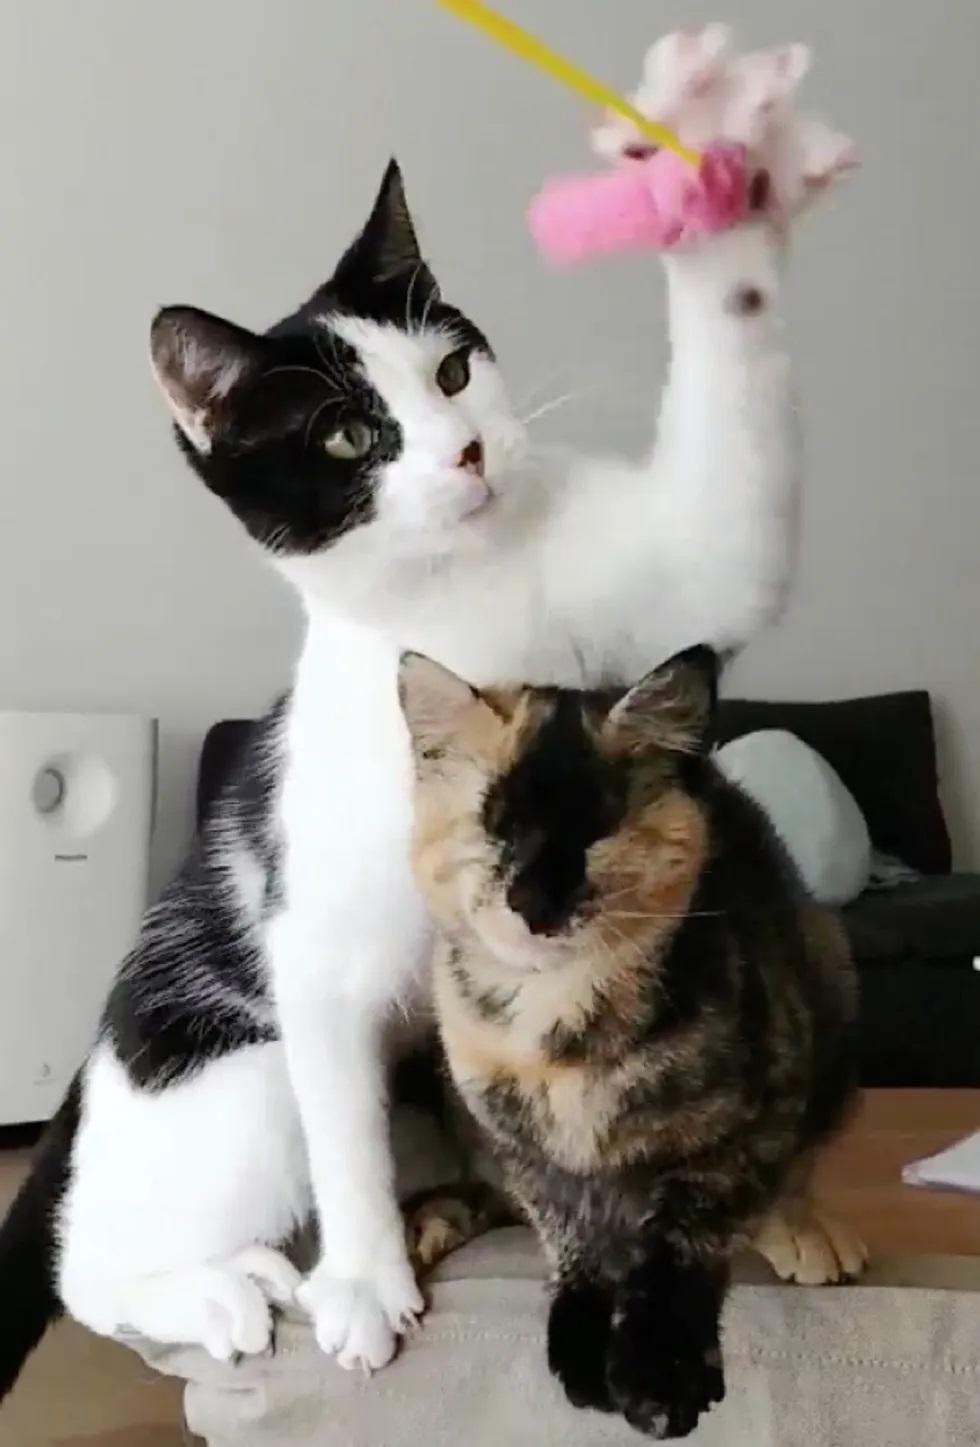 gatinha cega faz amizade com gata